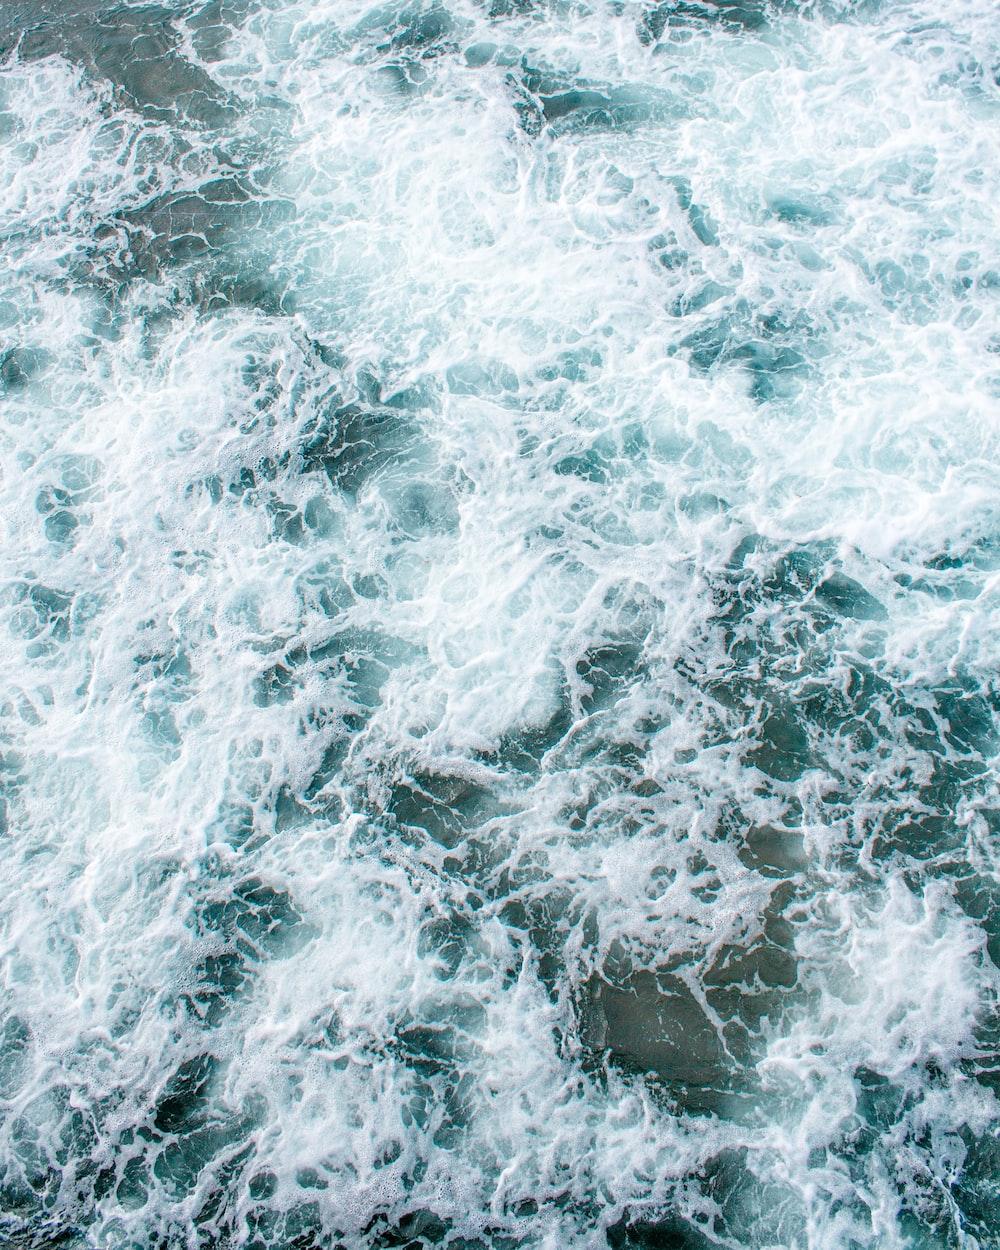 top view of ocean waves